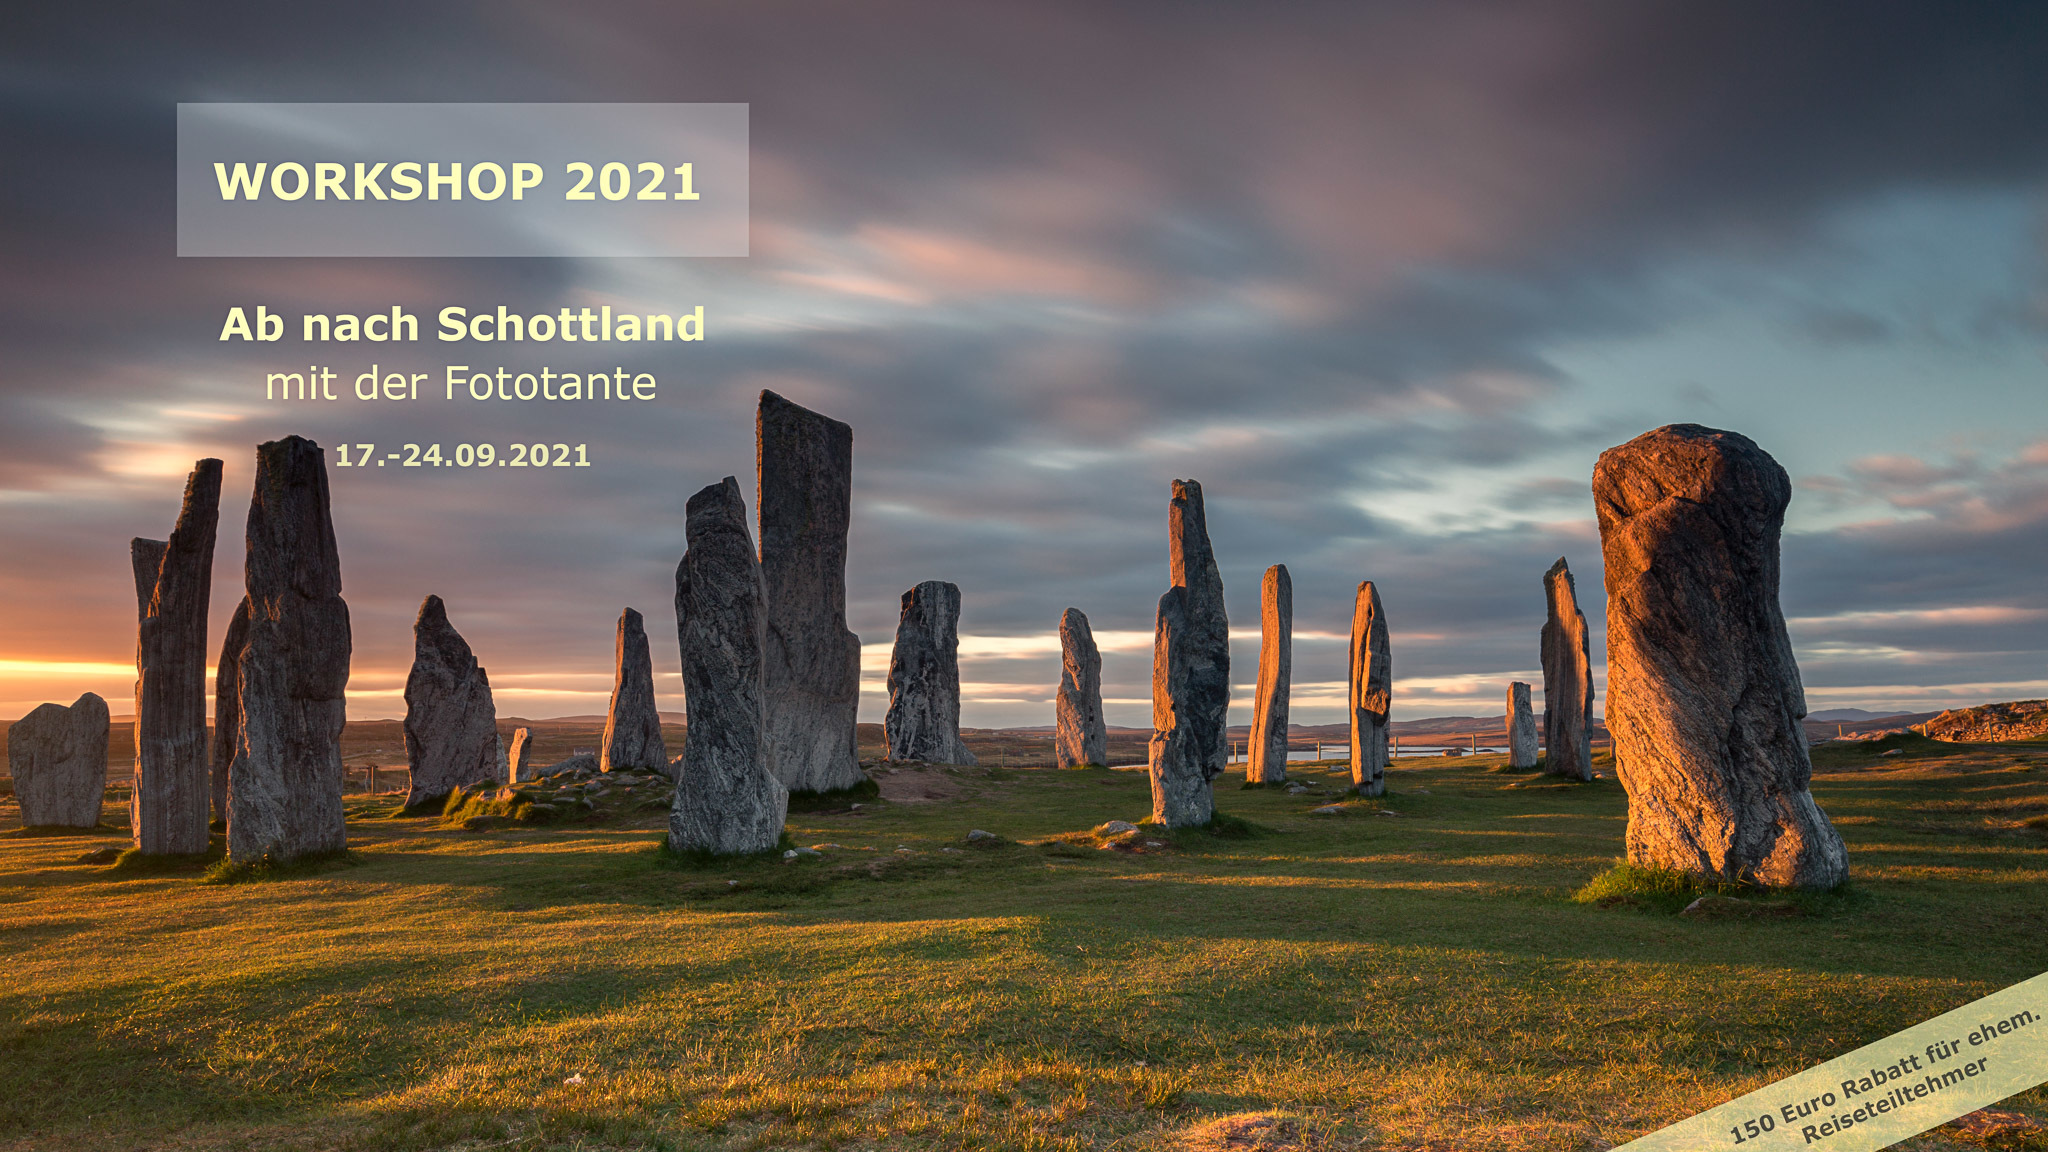 Workshop-Schottland-2021.jpg#asset:1965